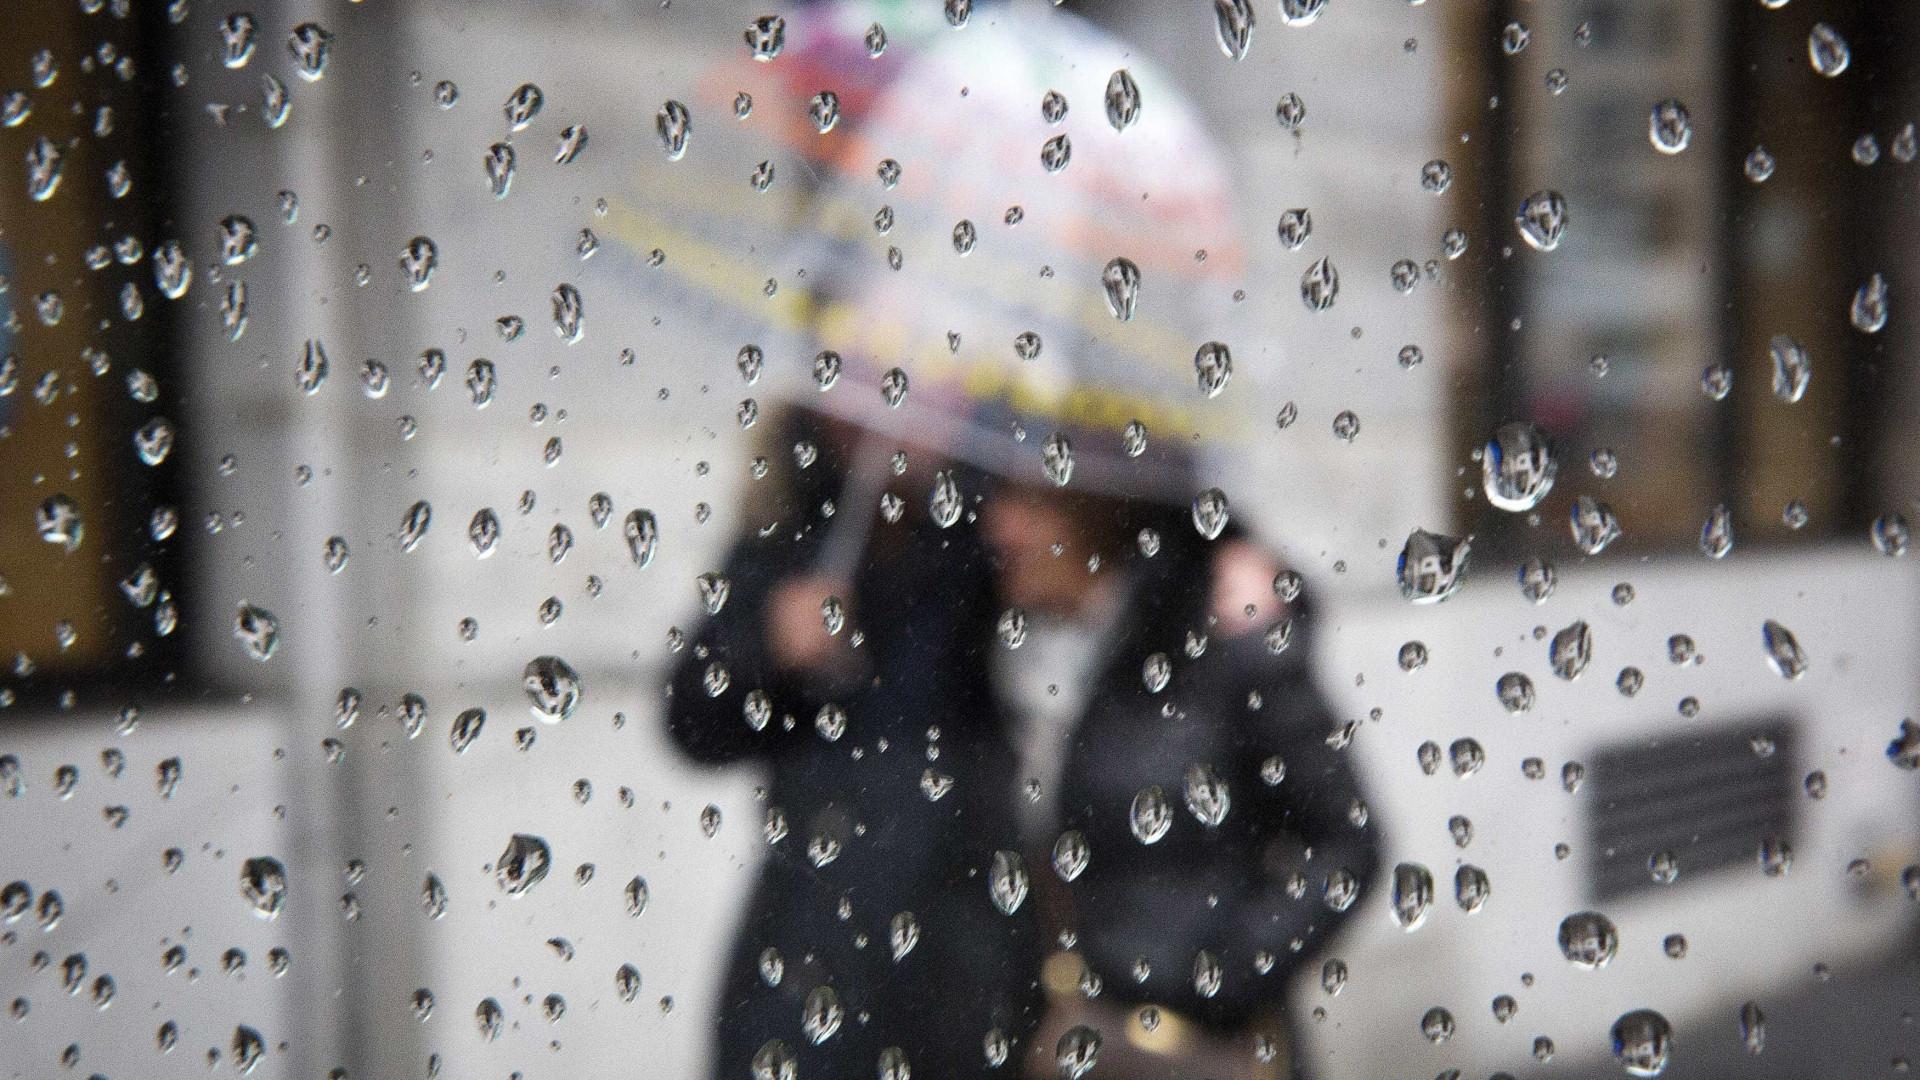 Distritos de Setúbal, Beja e Faro sob aviso amarelo devido à chuva